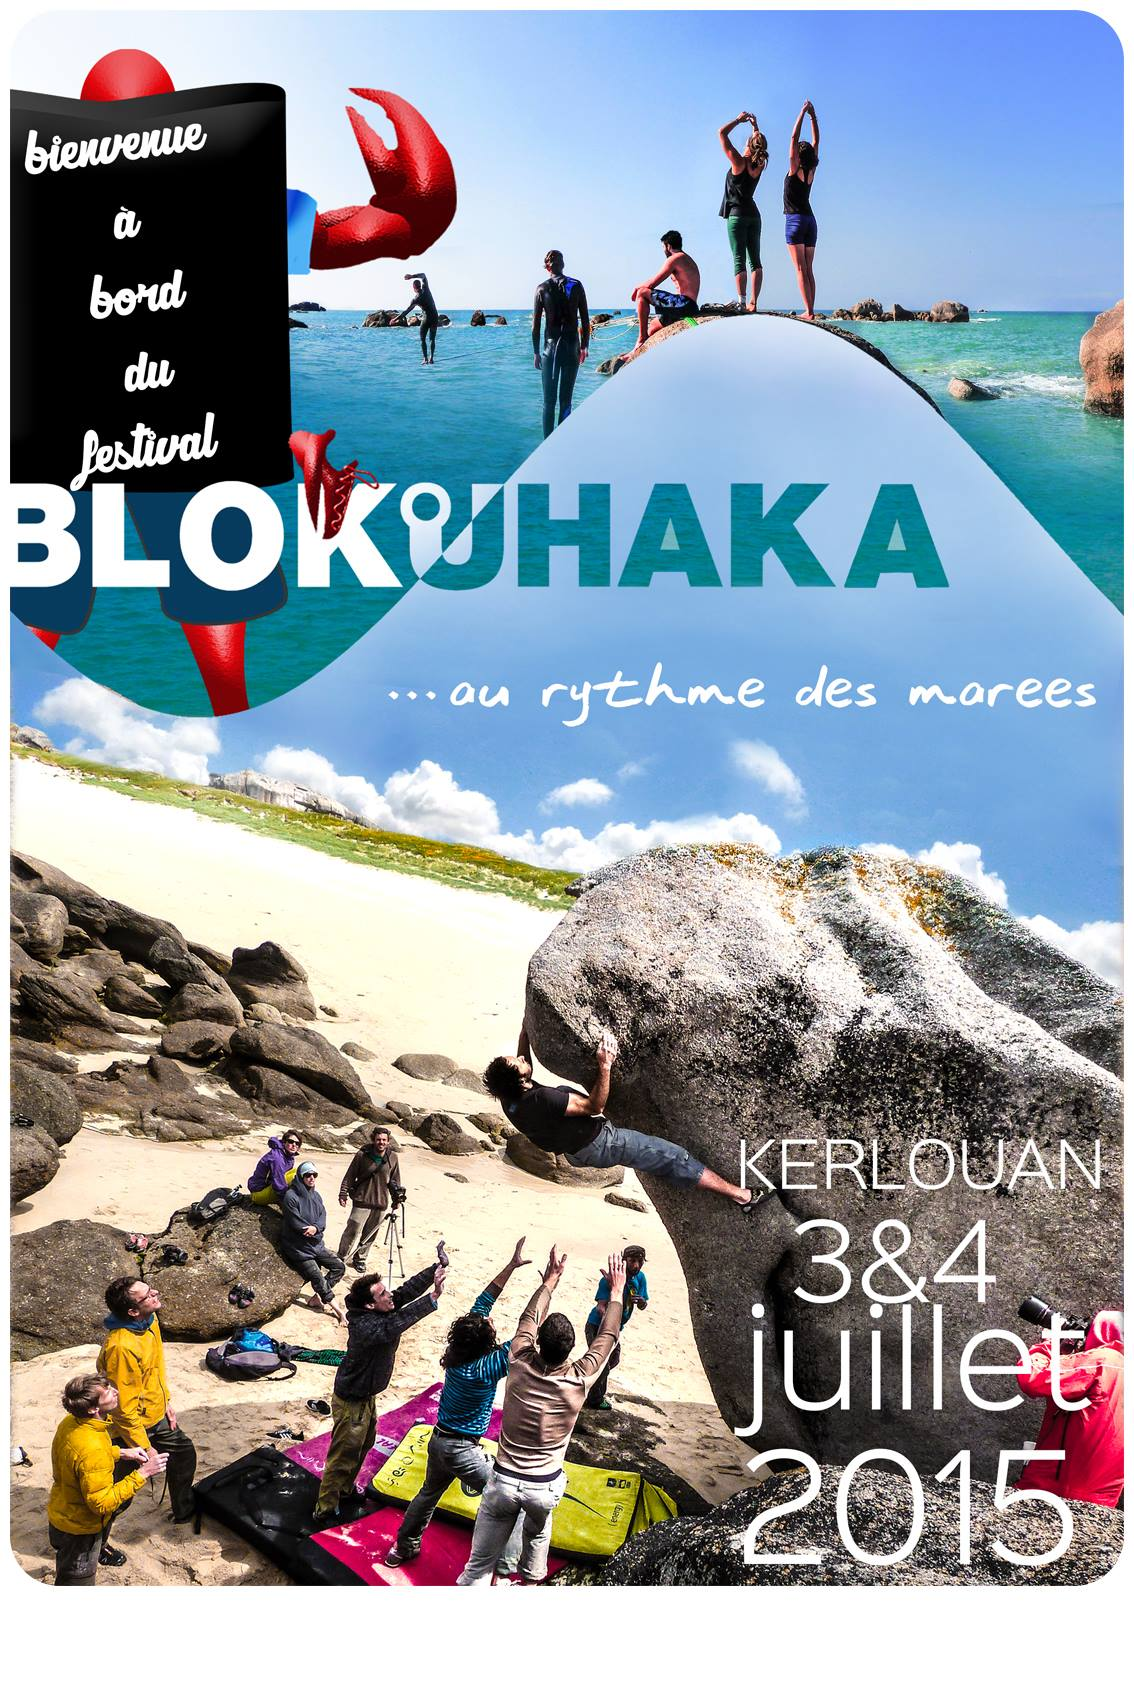 BLOKUHAKA Bouldering Festival 2015